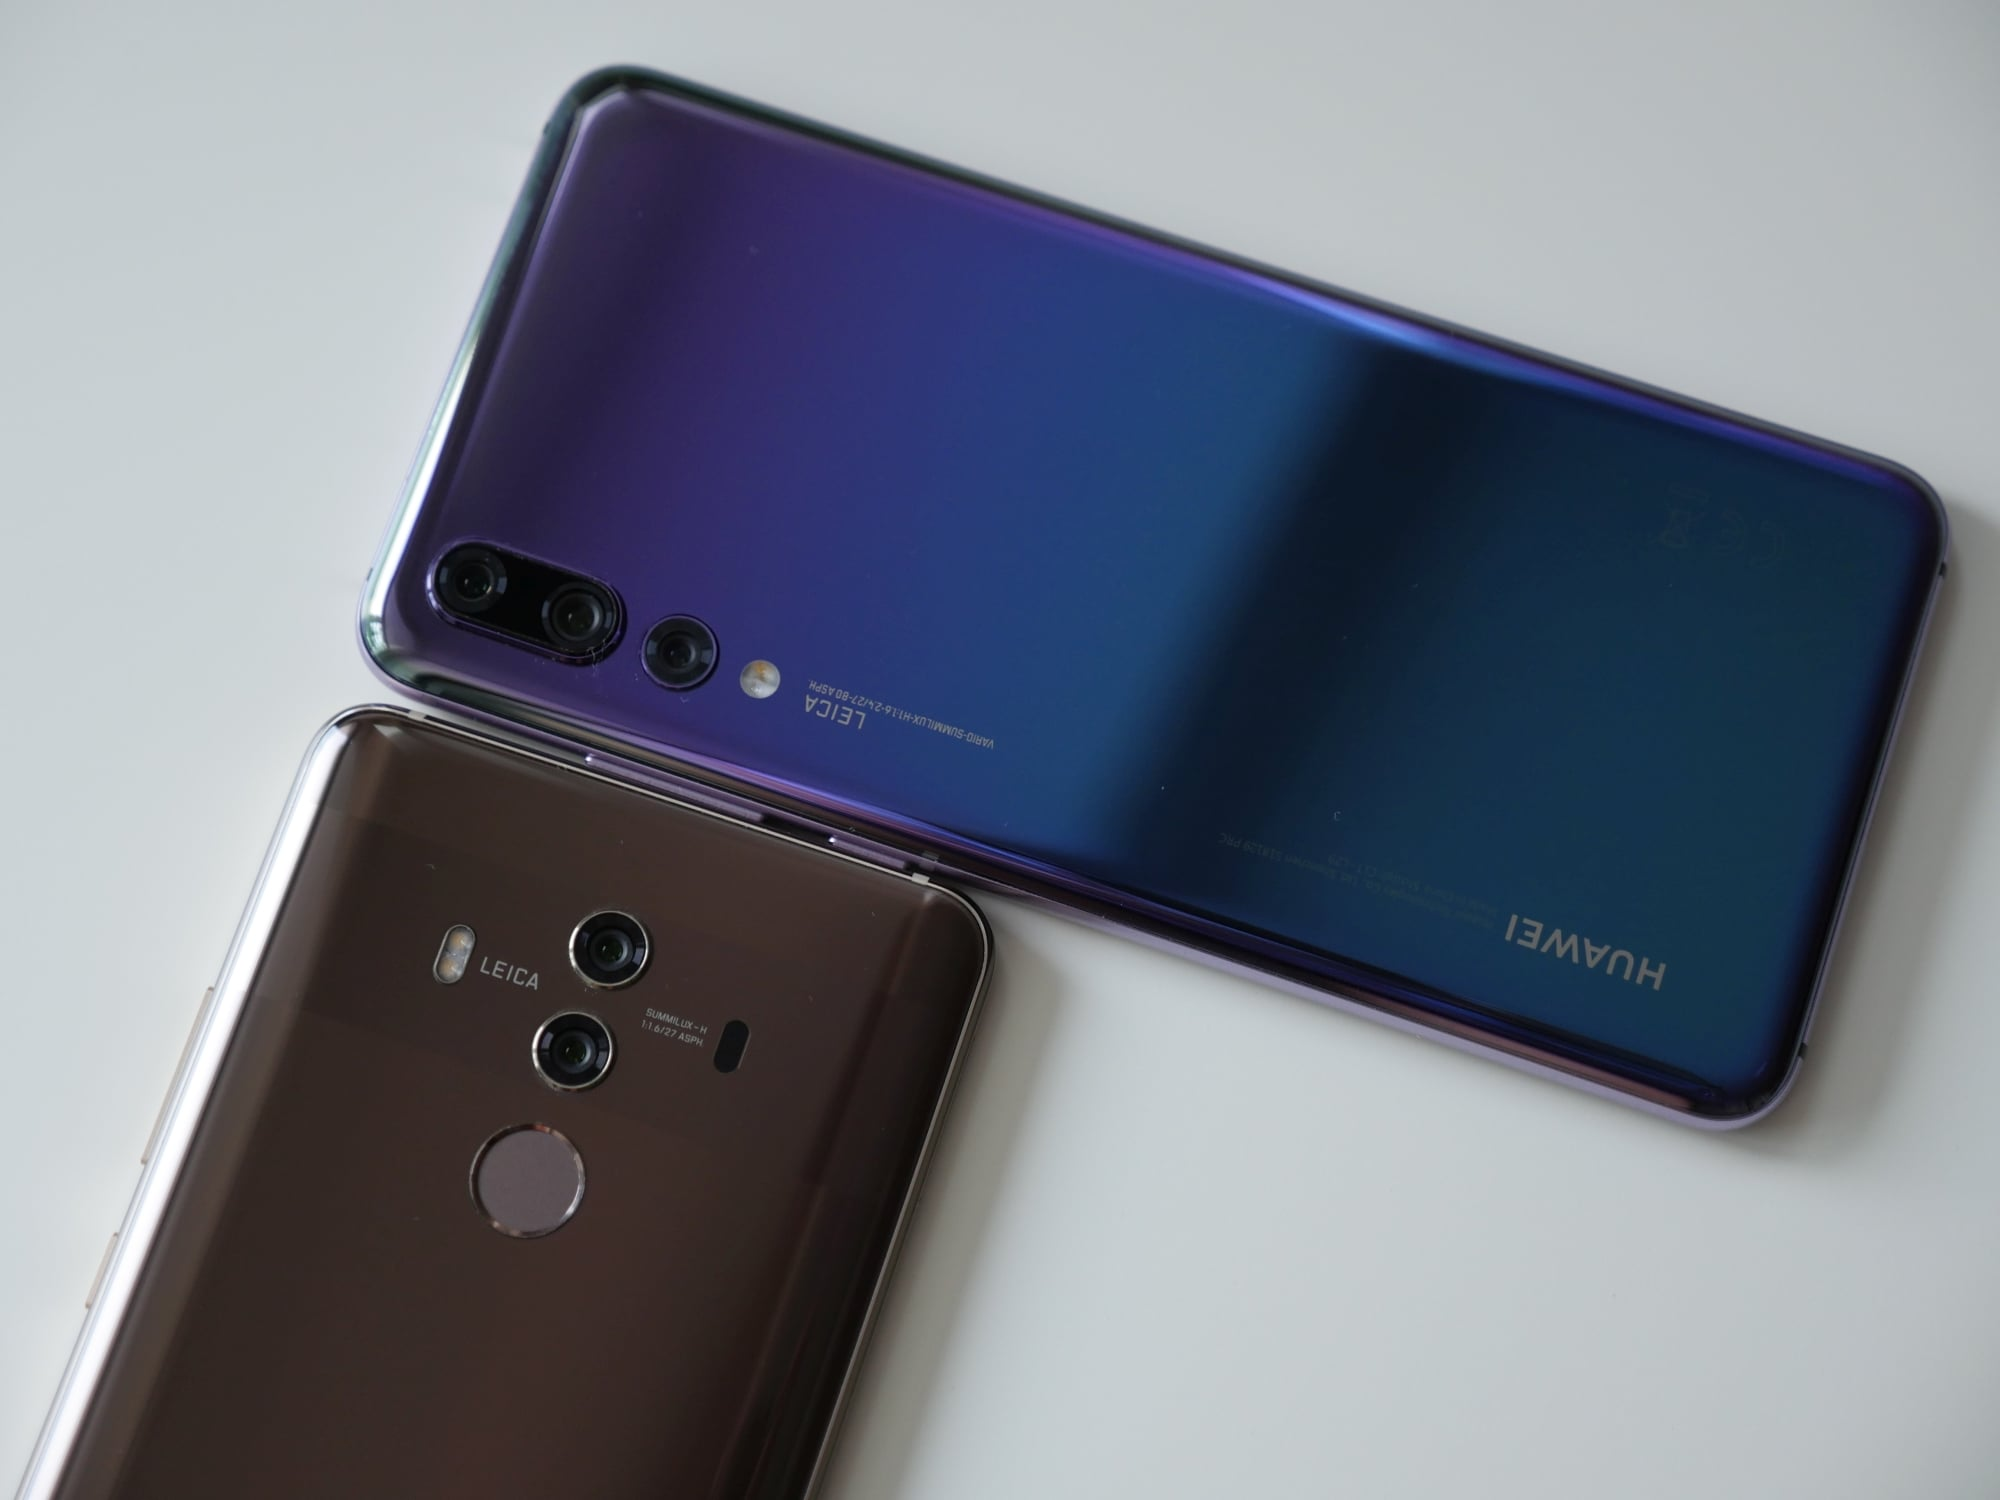 Jeśli najlepszy smartfon od Huawei, to Mate 10 Pro czy P20 Pro? Porównanie flagowców 25